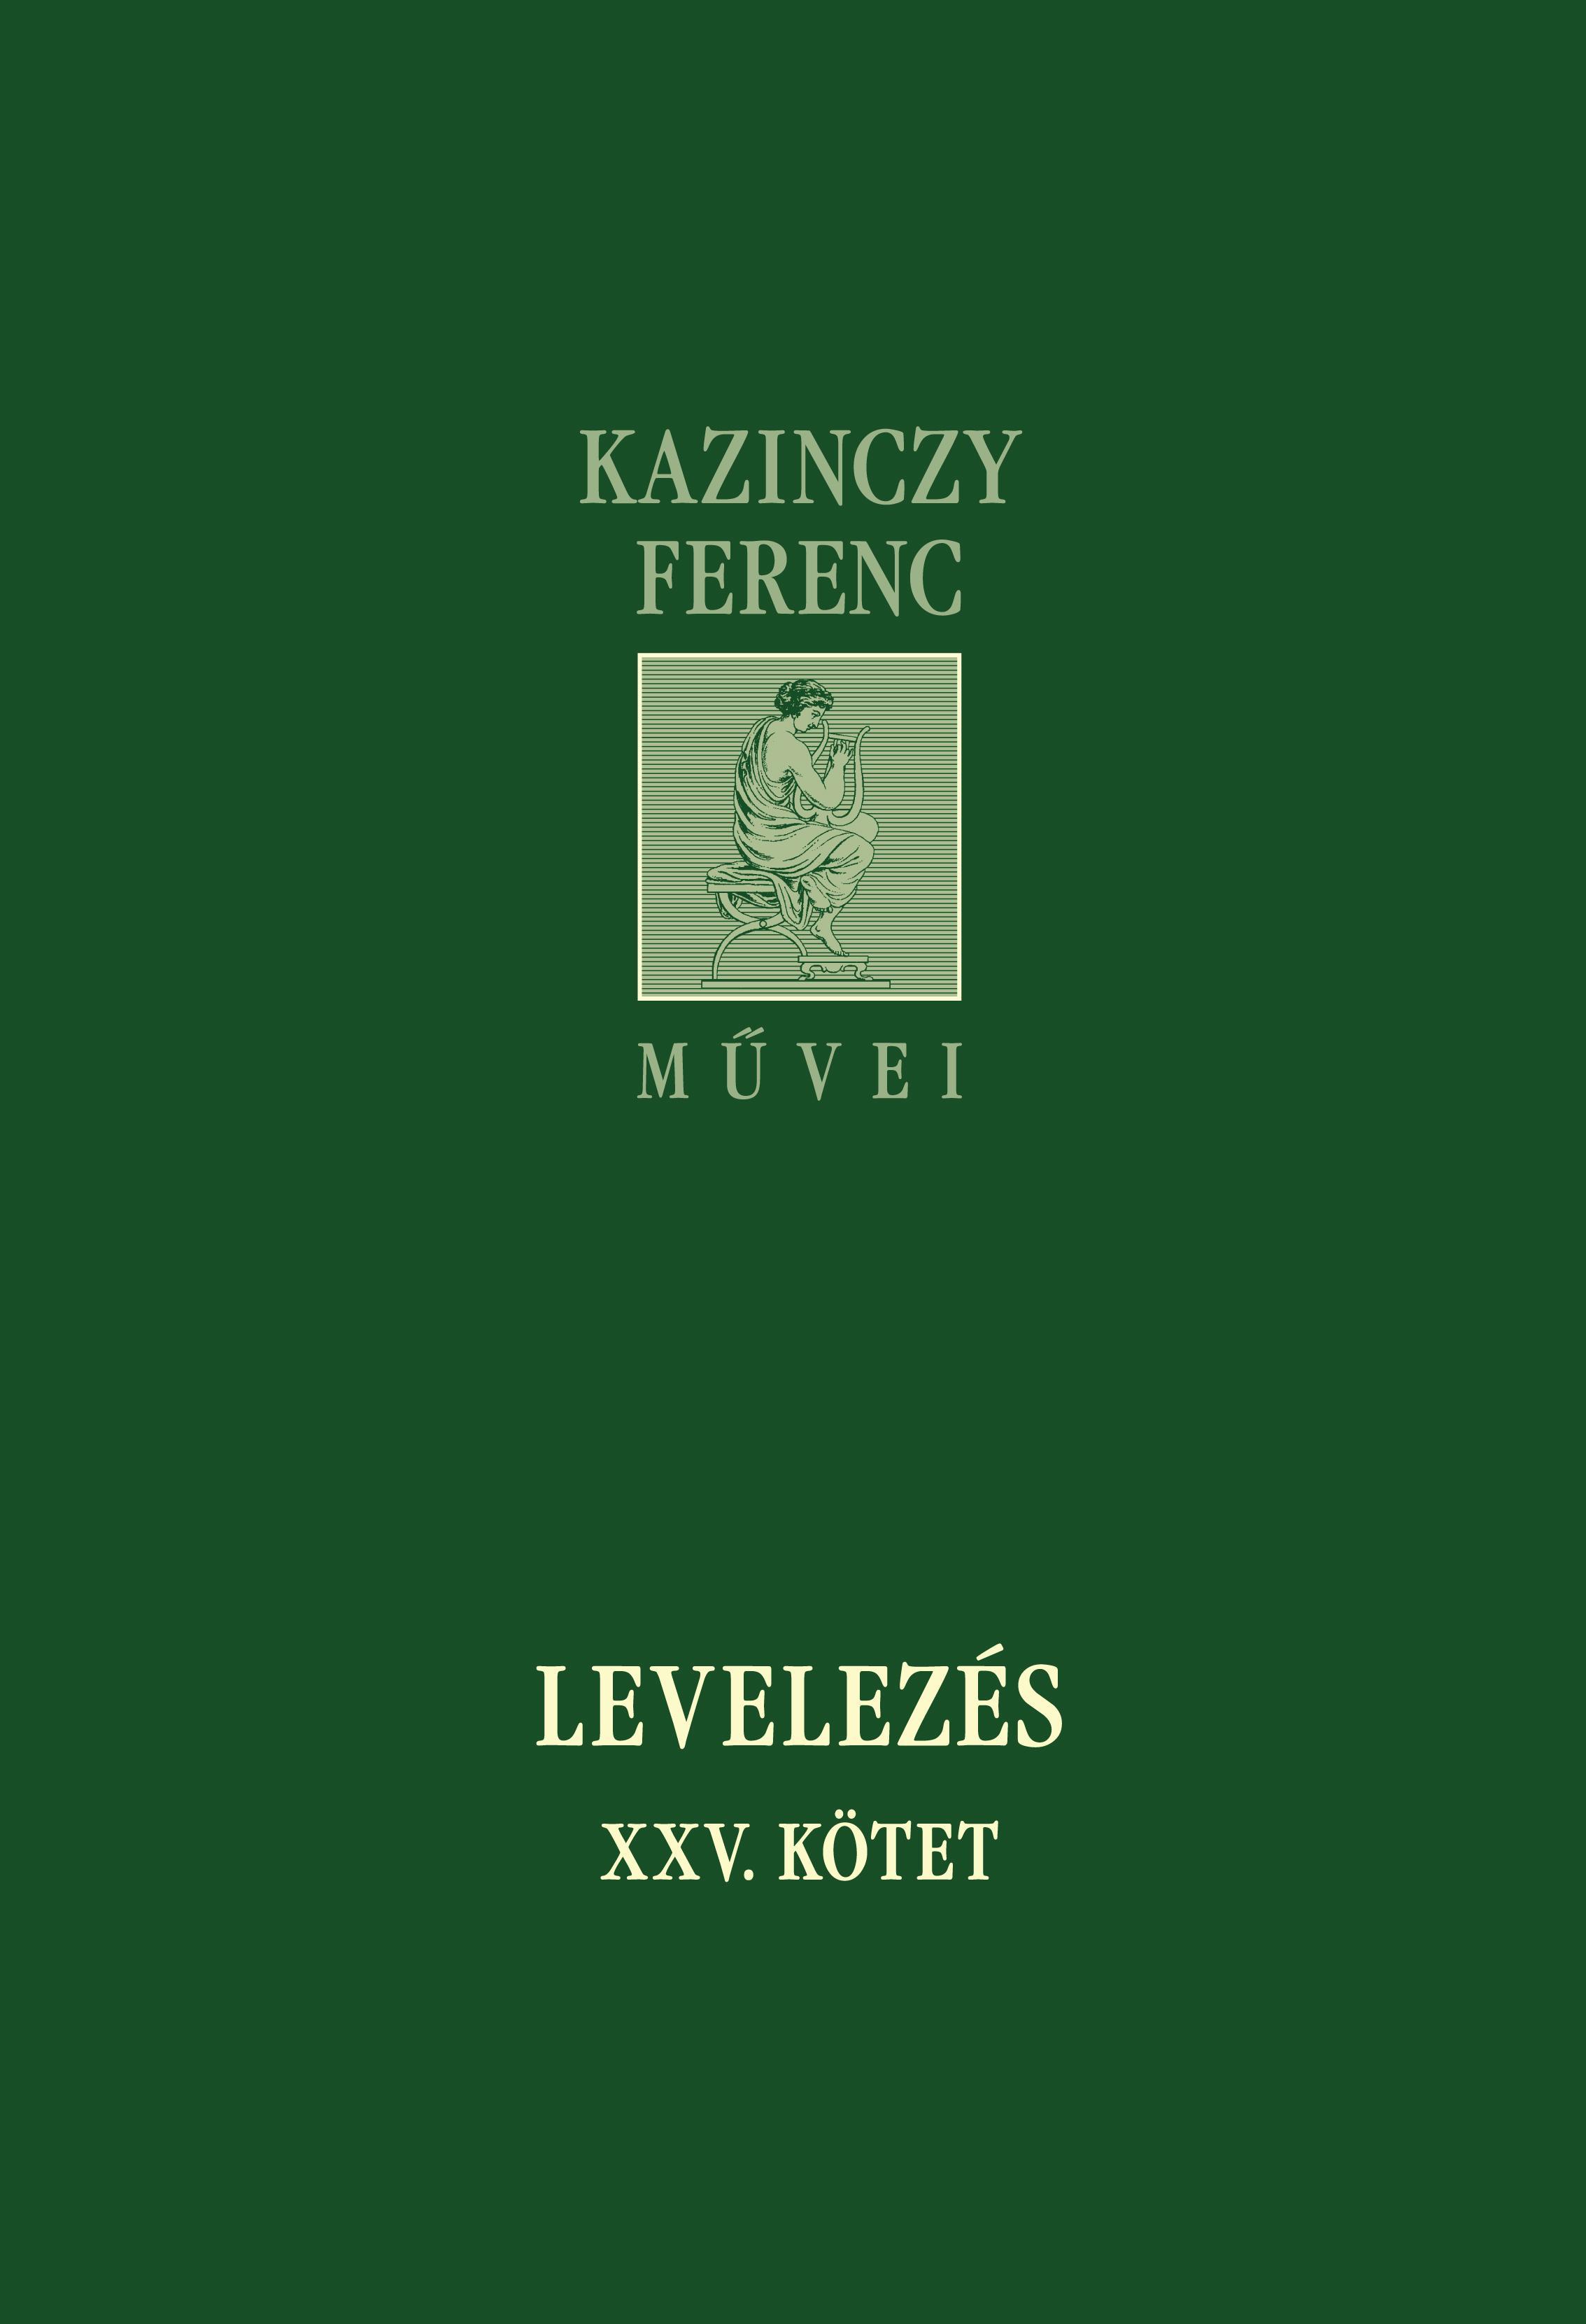 LEVELEZÉS XXV. KÖTET - KAZINCZY FERENC MŰVEI